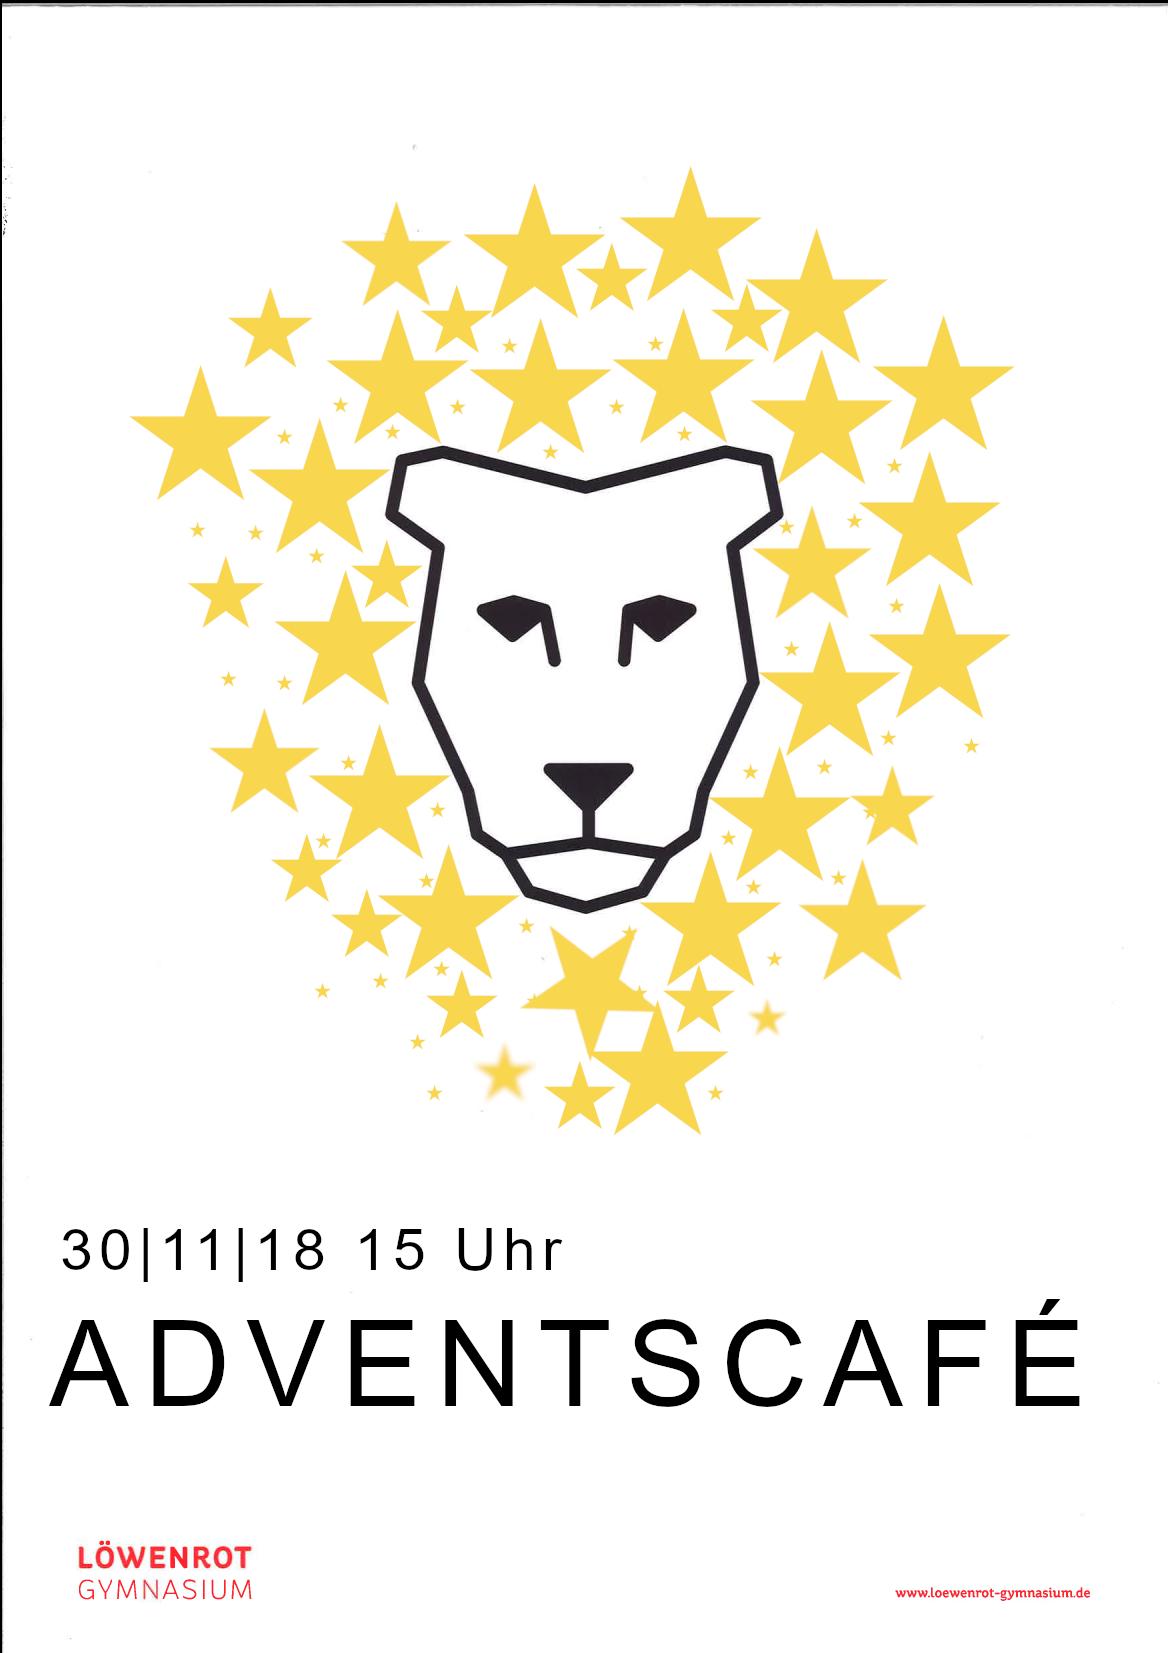 Adventscafé 2018